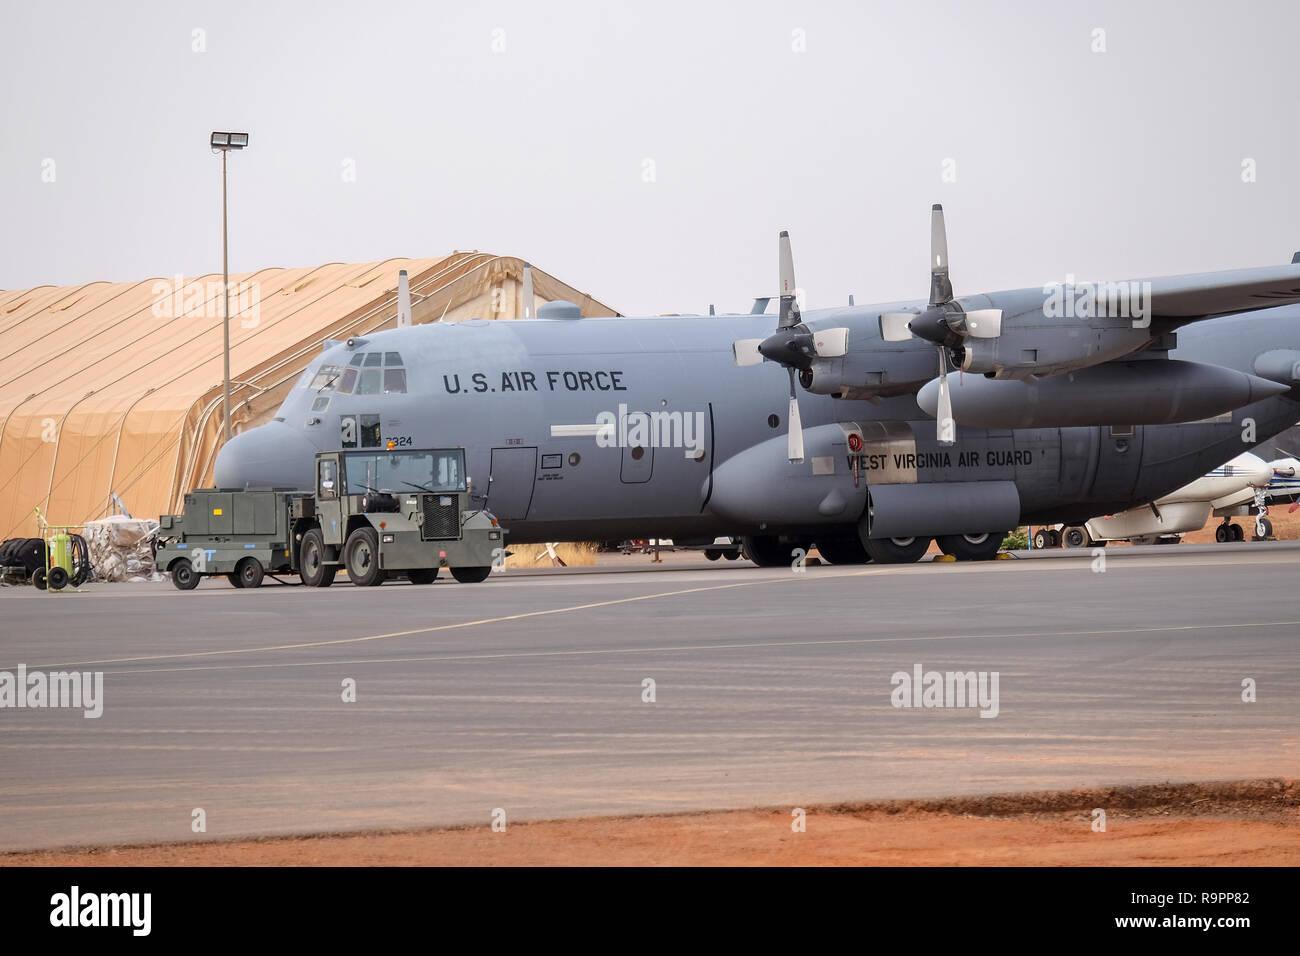 Niamey, Niger, 11. April 2018: der US-Luftwaffe USAF C-130 H-3 Hercules steht auf einem Flugplatz in Niamey, Niger, in einer Anti-terror-Support-Mitarbeiter-Rolle Stockbild